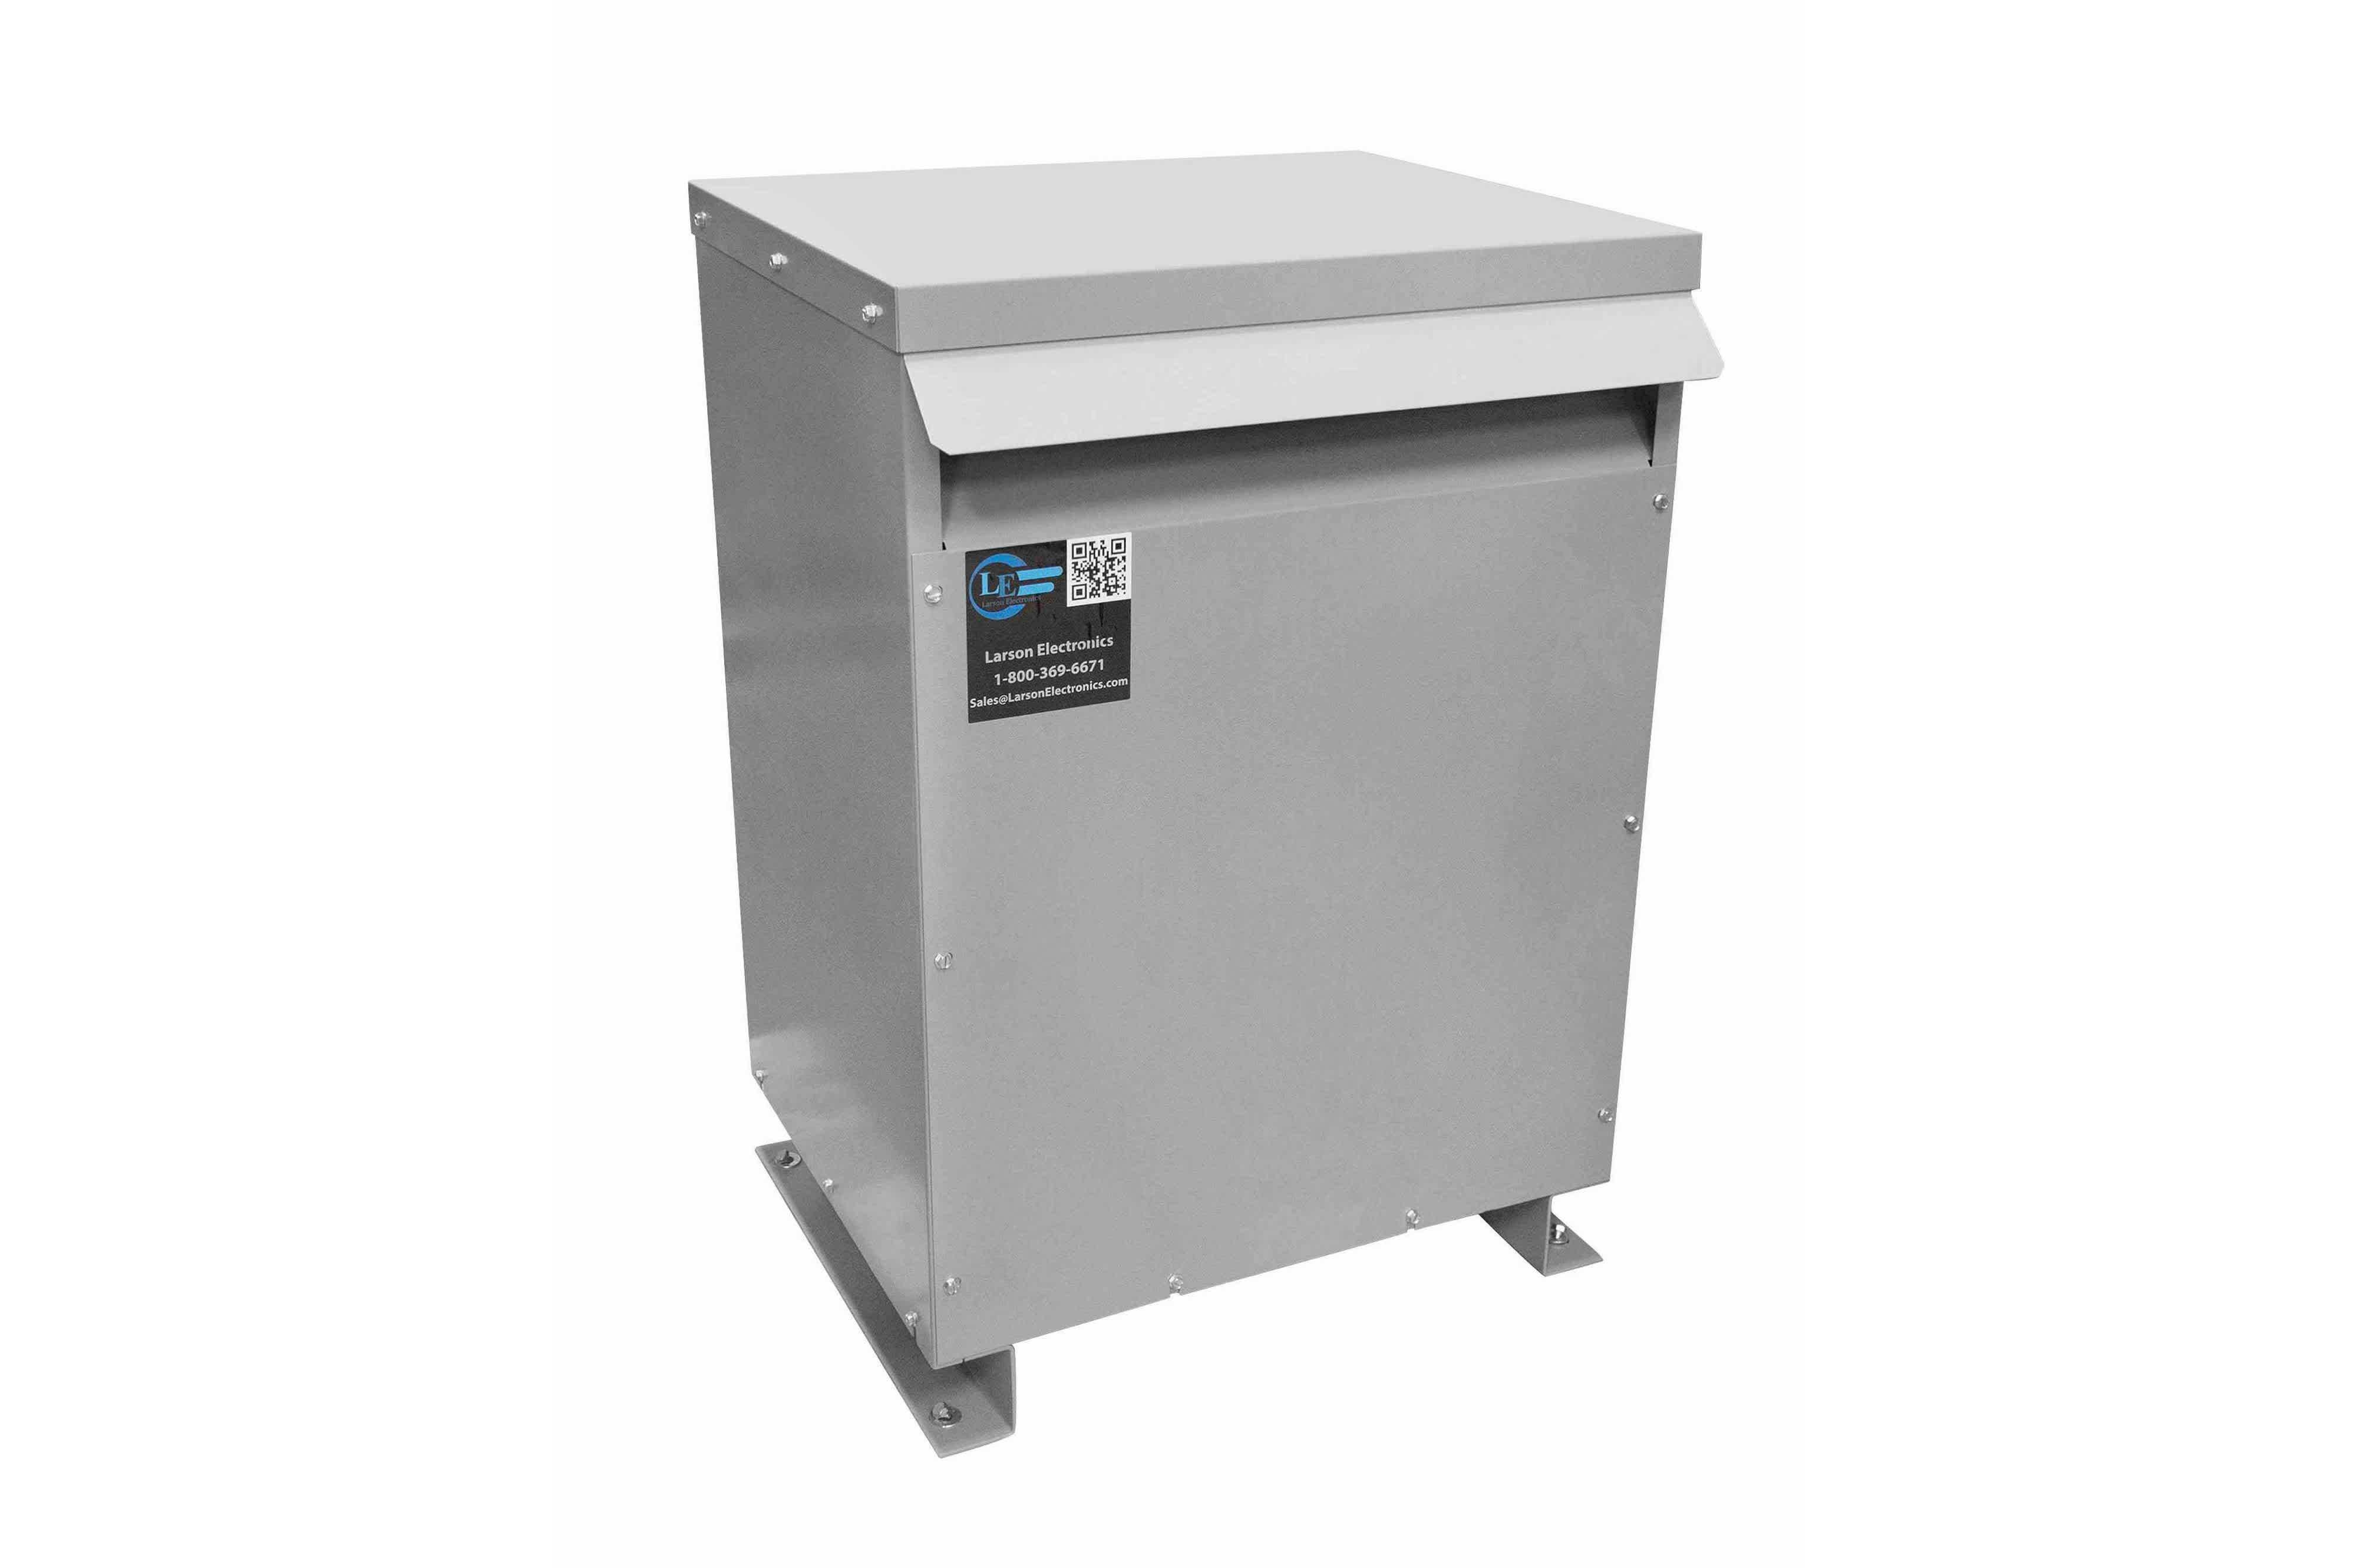 112.5 kVA 3PH Isolation Transformer, 600V Delta Primary, 460V Delta Secondary, N3R, Ventilated, 60 Hz